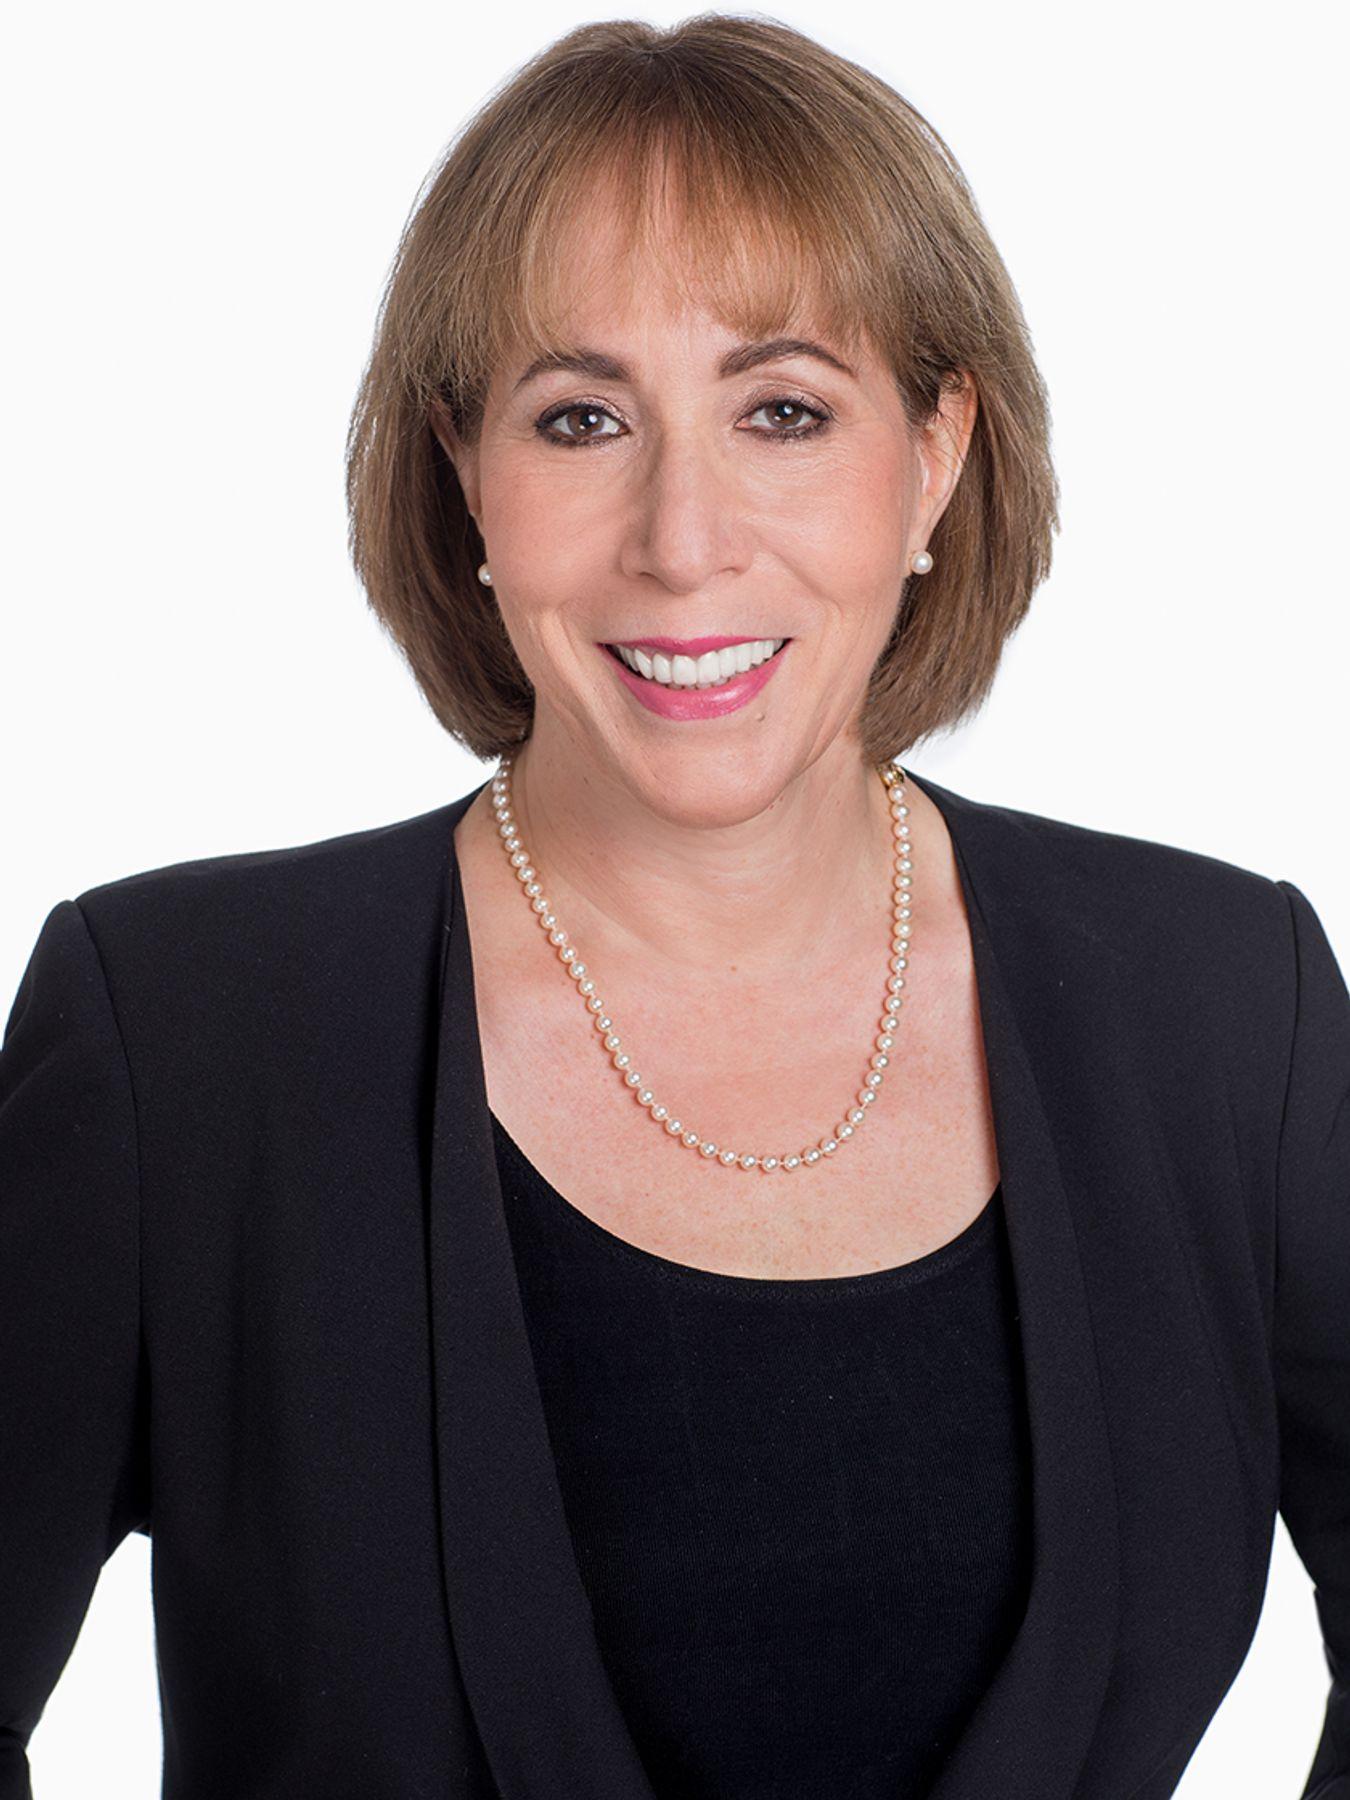 Joy Kimmelman